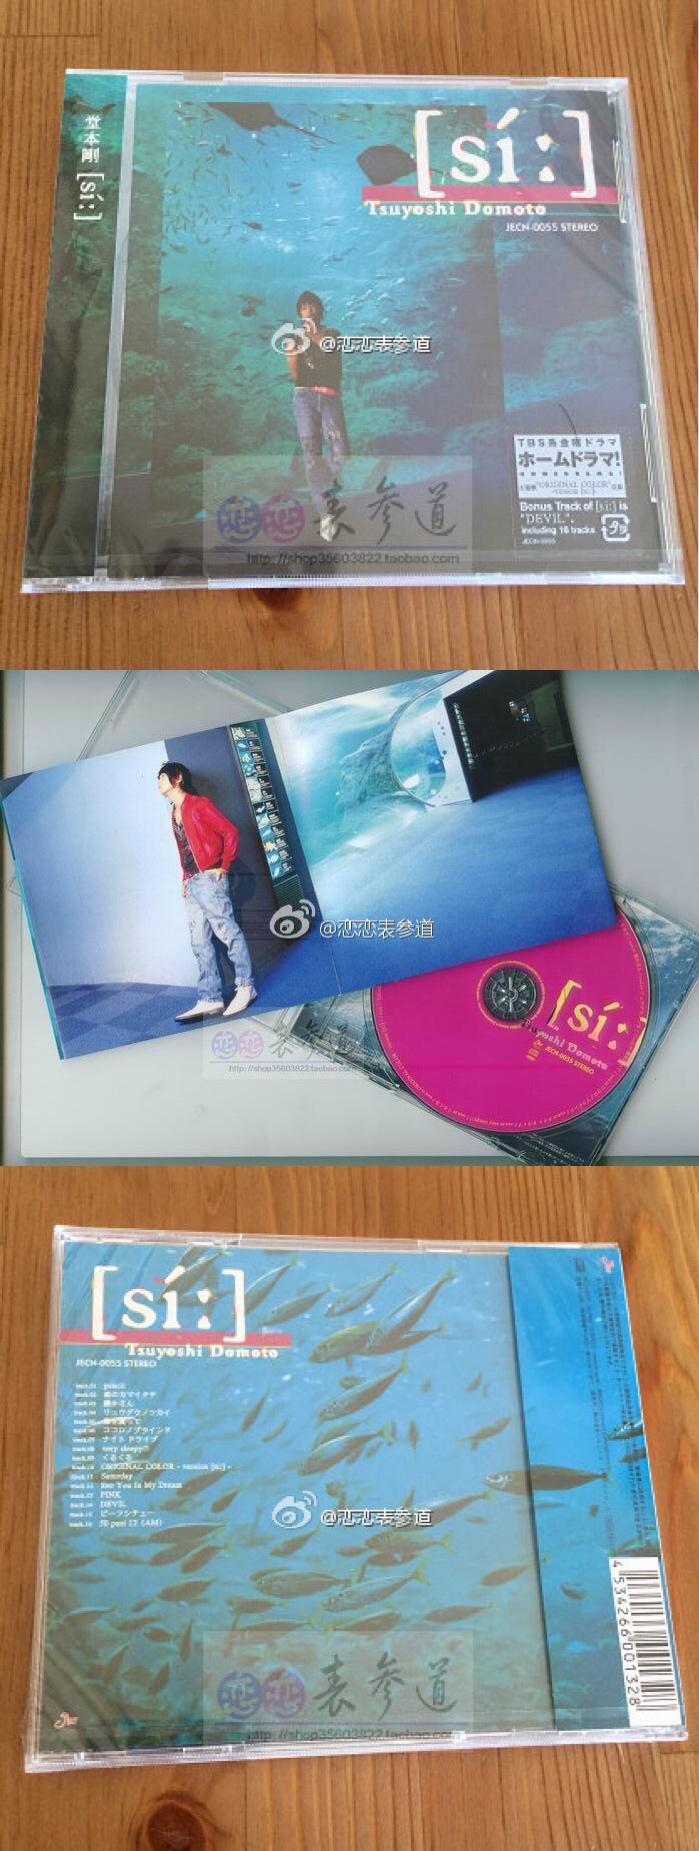 堂本刚 [si:] album 2专 初/通 si专